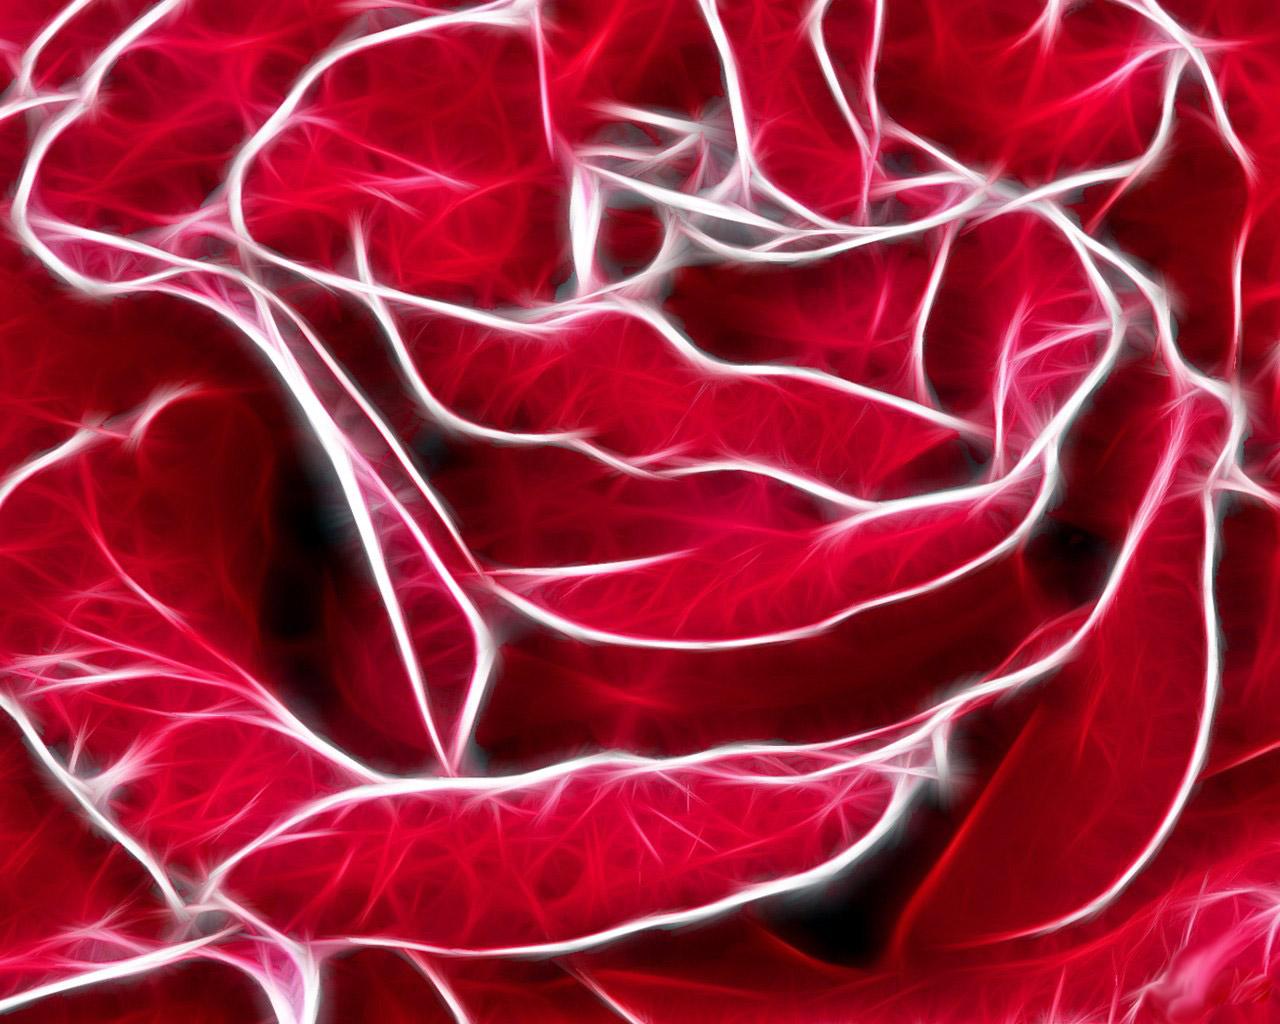 Розовые позды крупный план фото 11 фотография